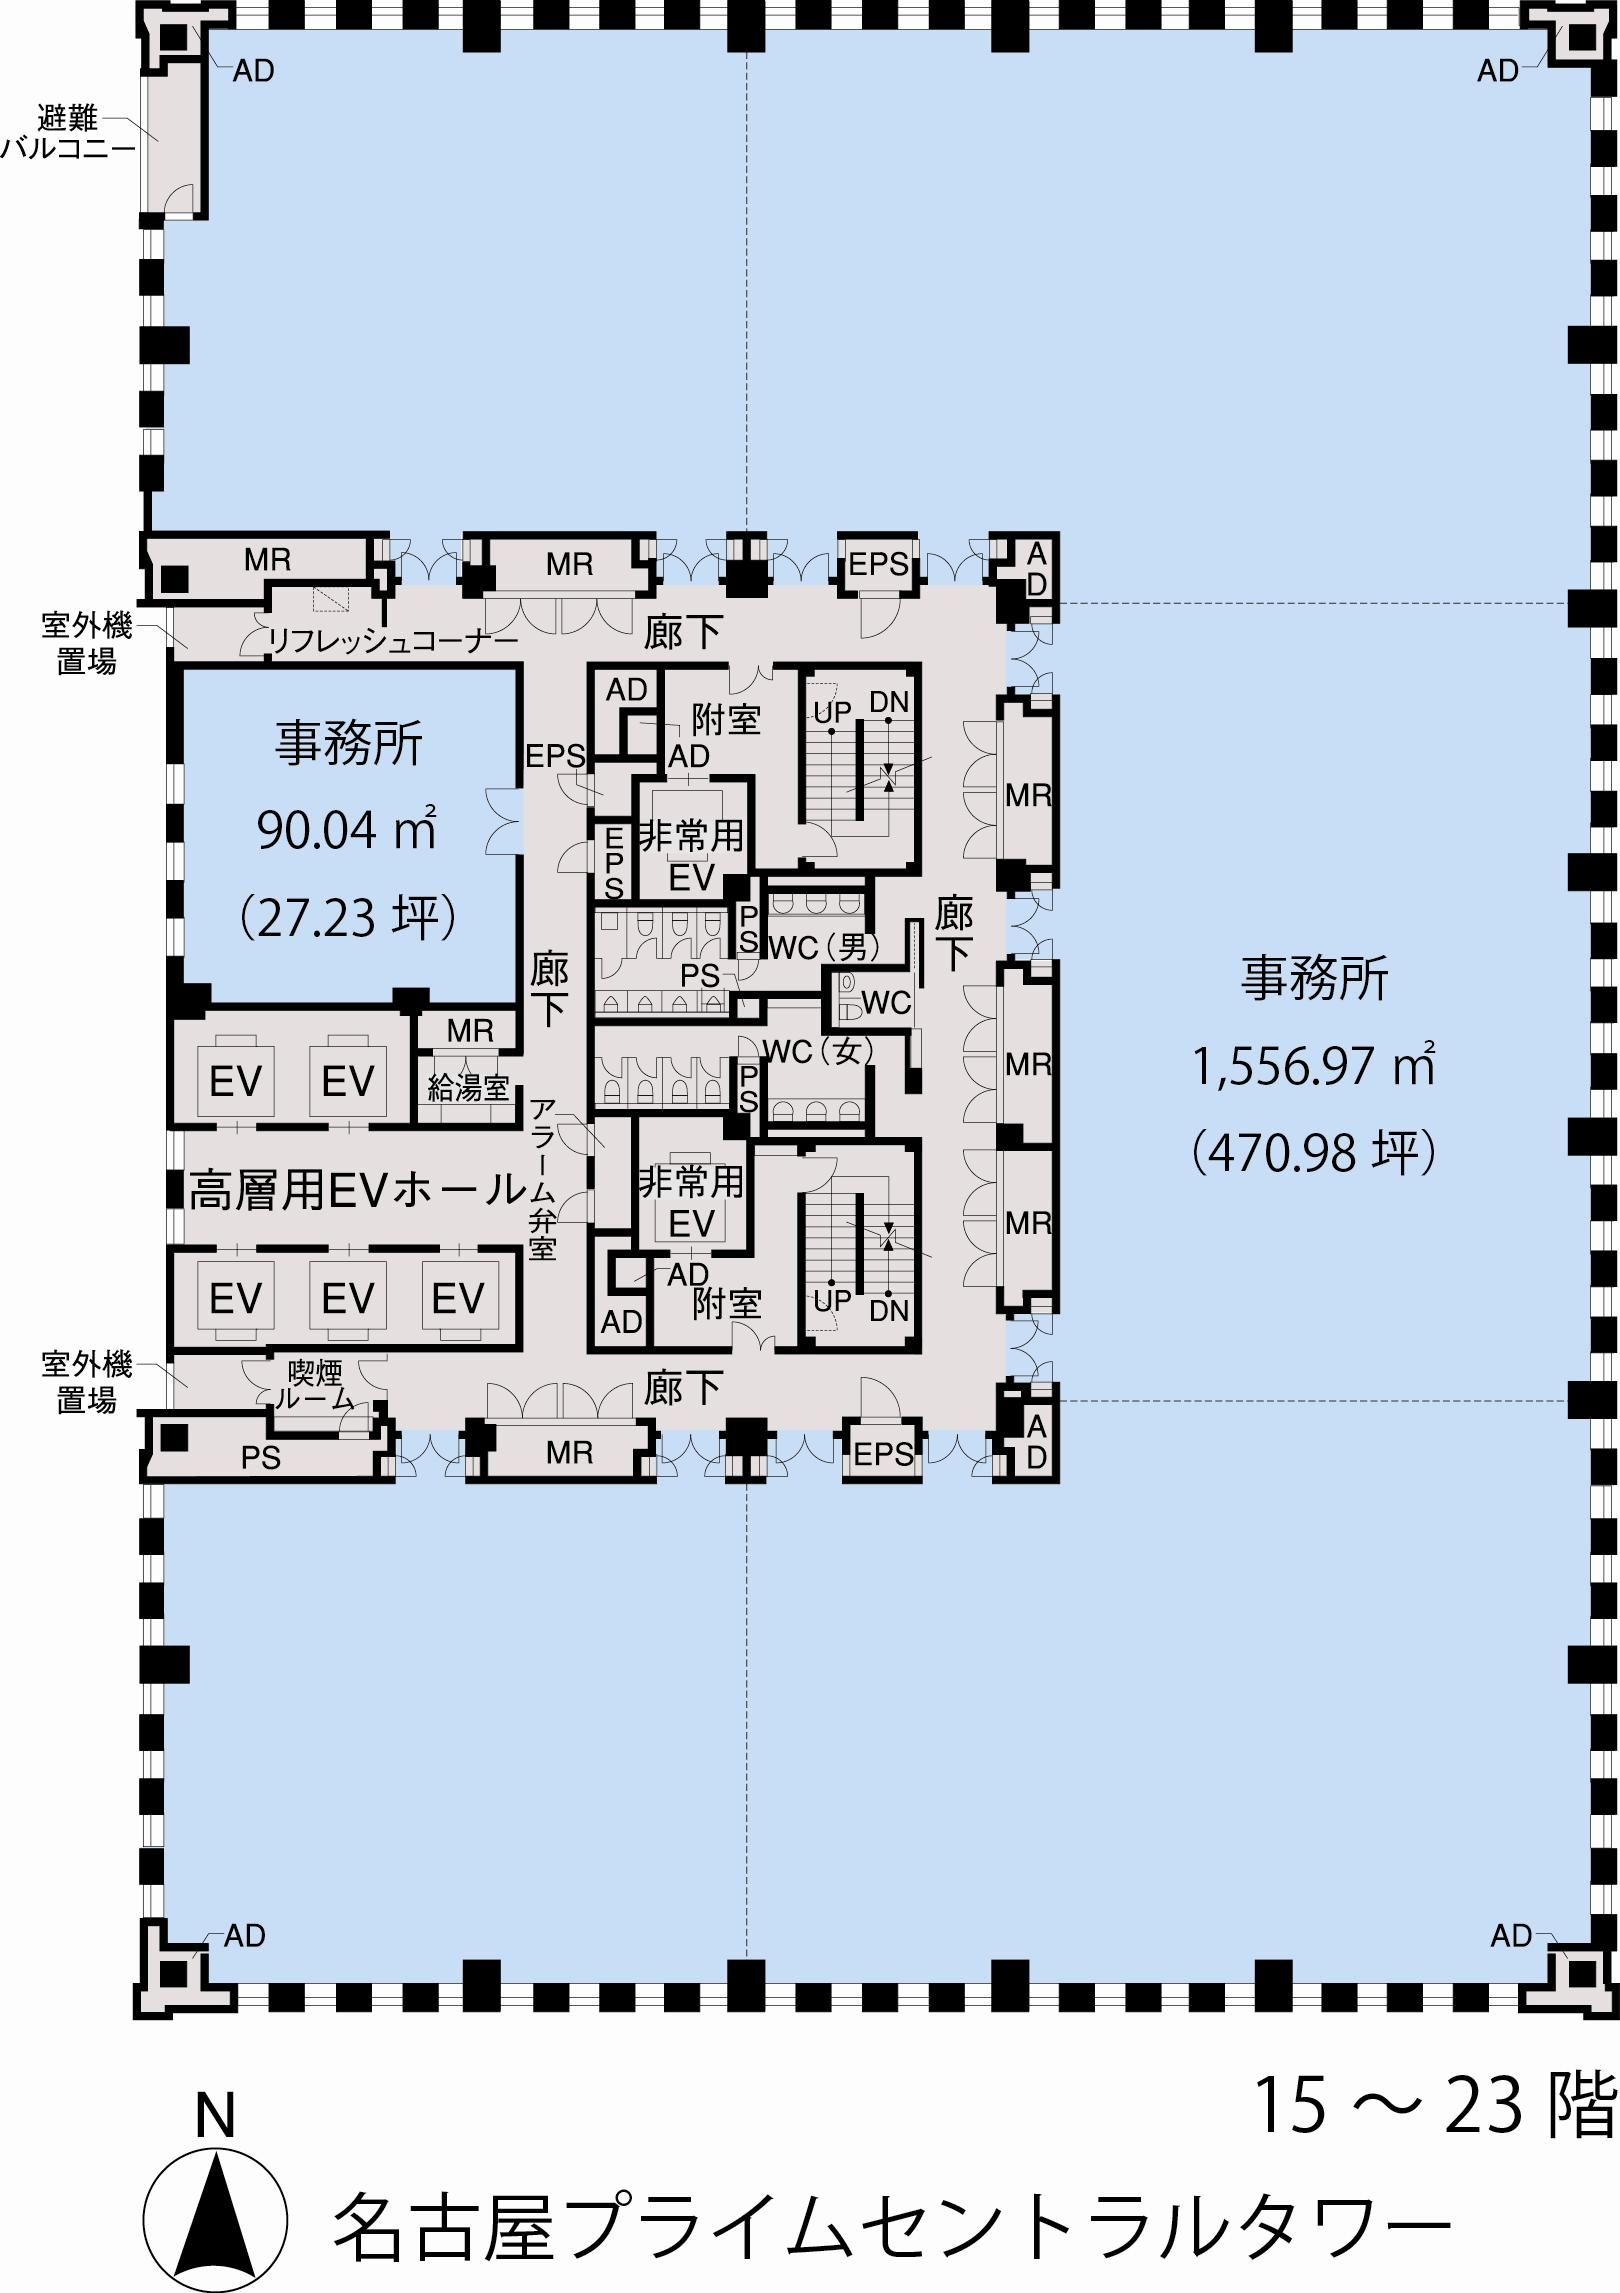 基準階(名古屋プライムセントラルタワー15~23階階)